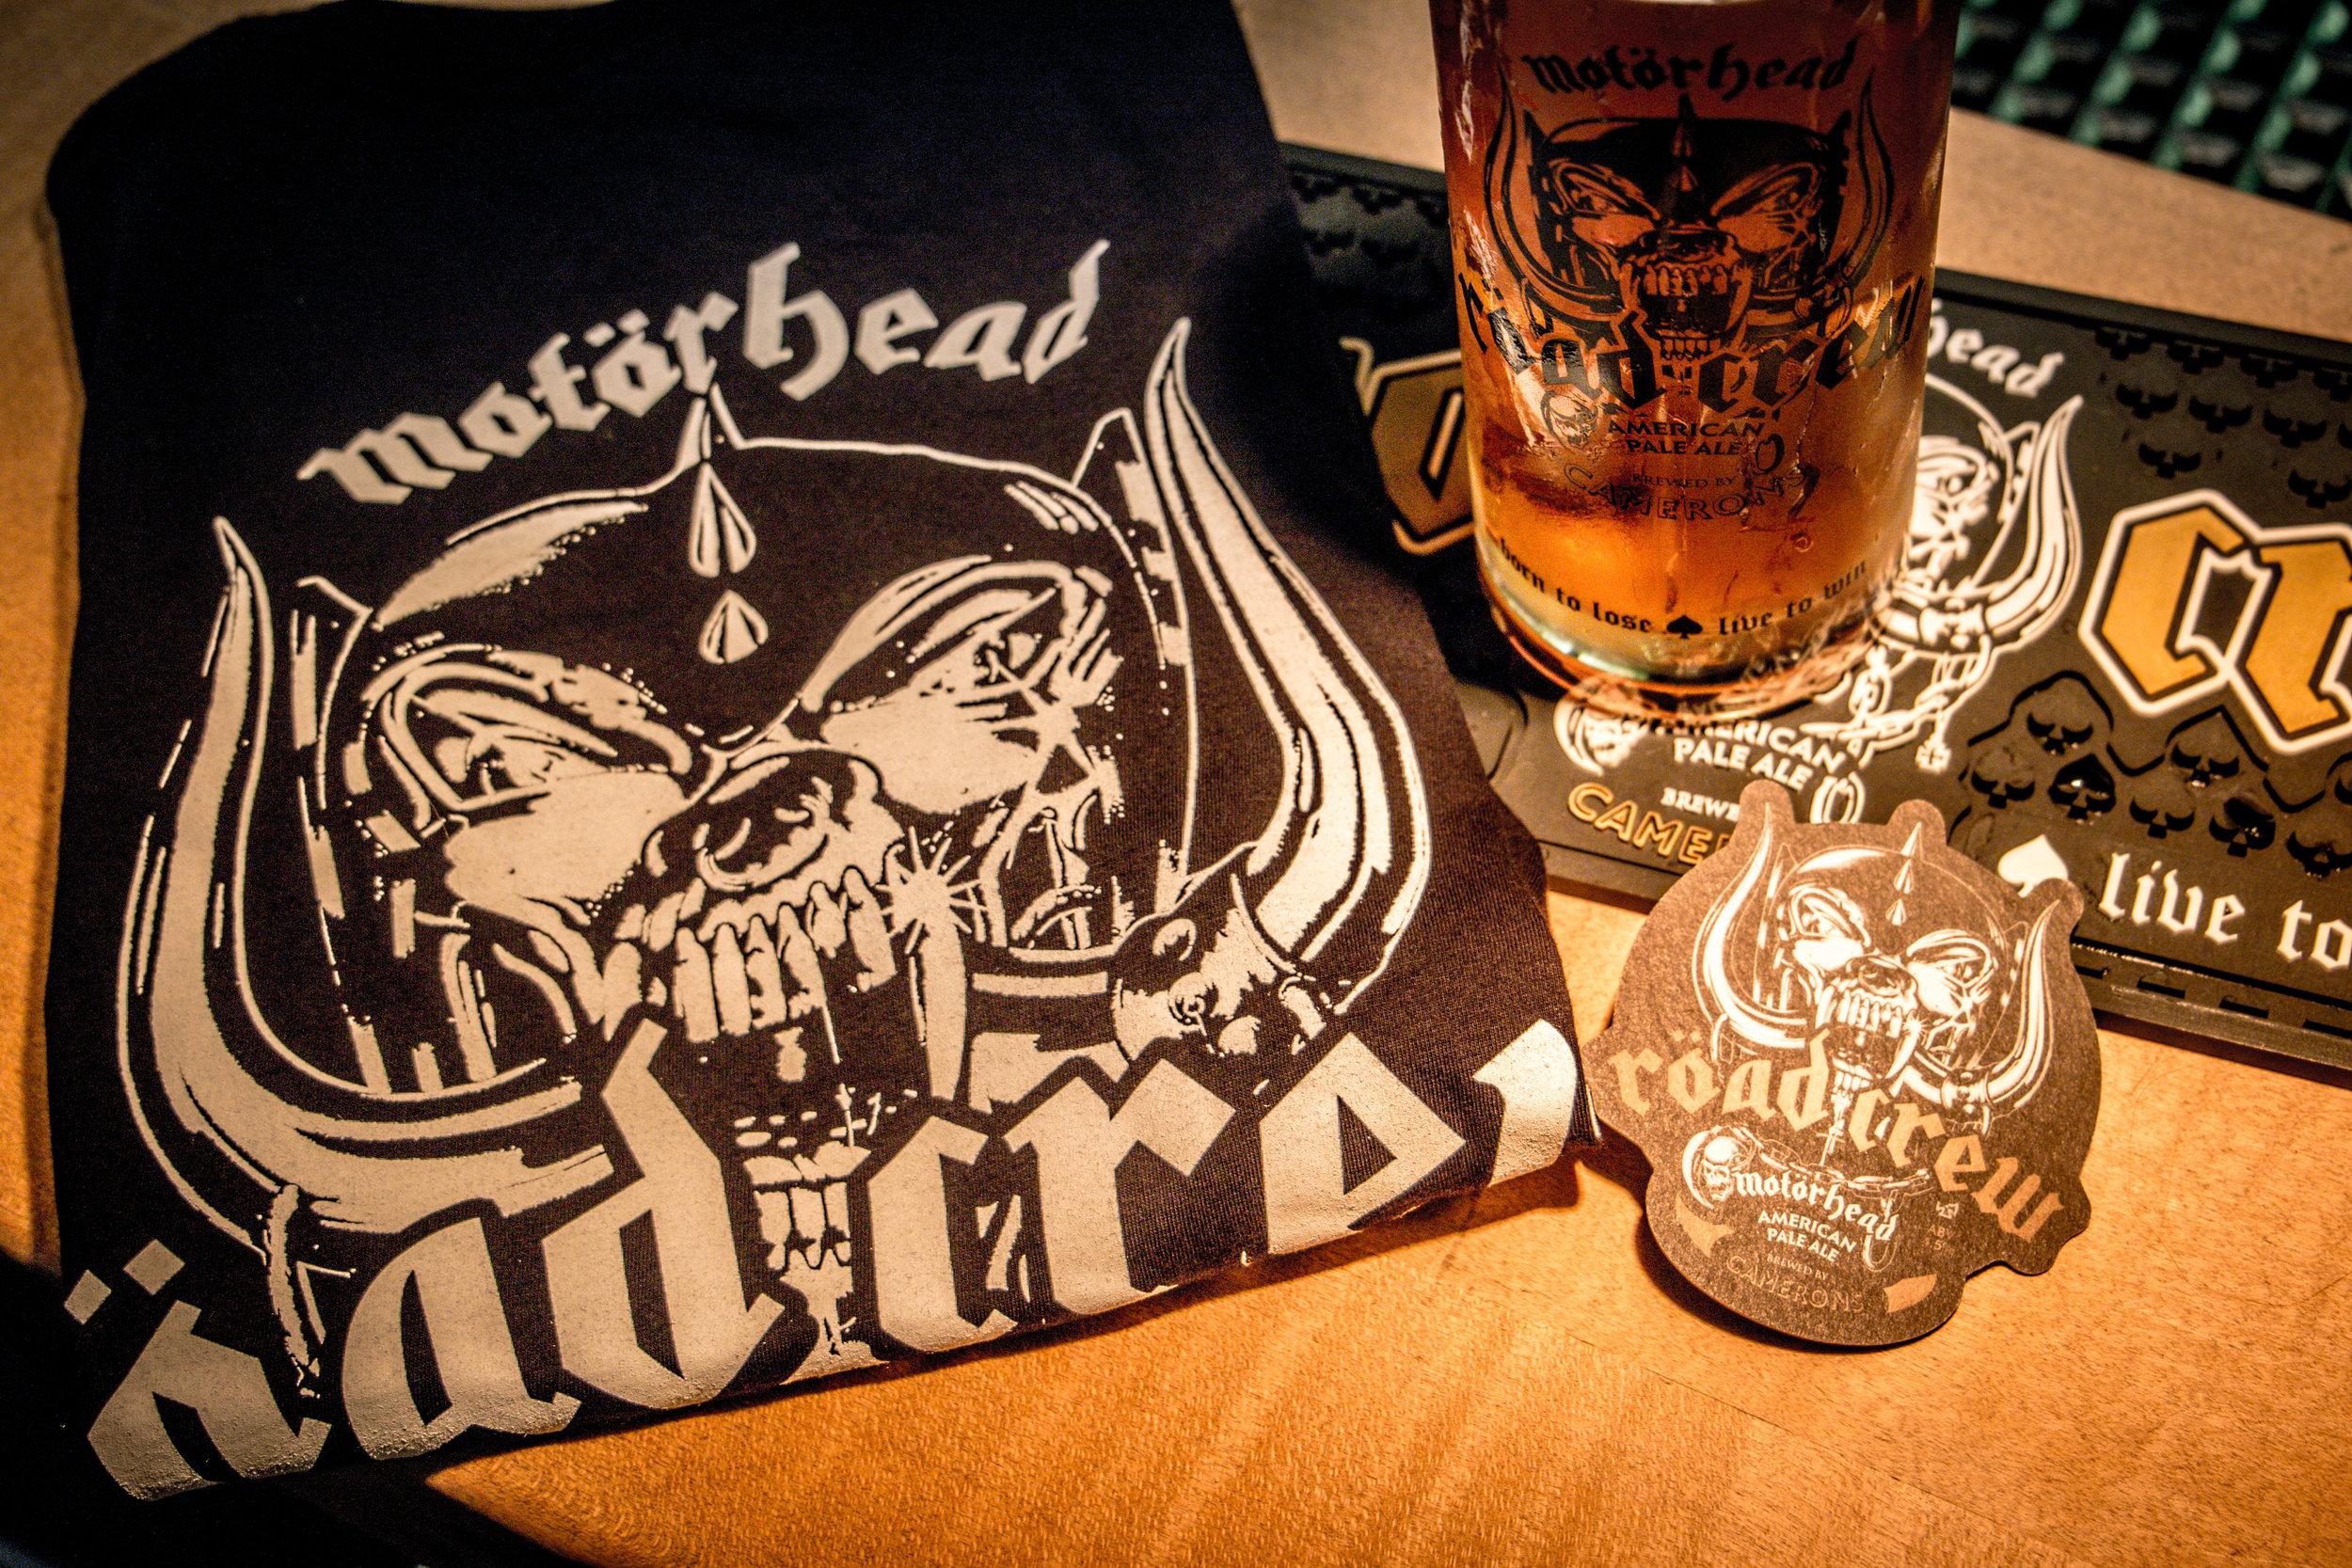 Motorhead Road Crew Beer Dirk Behlau-6785.jpg